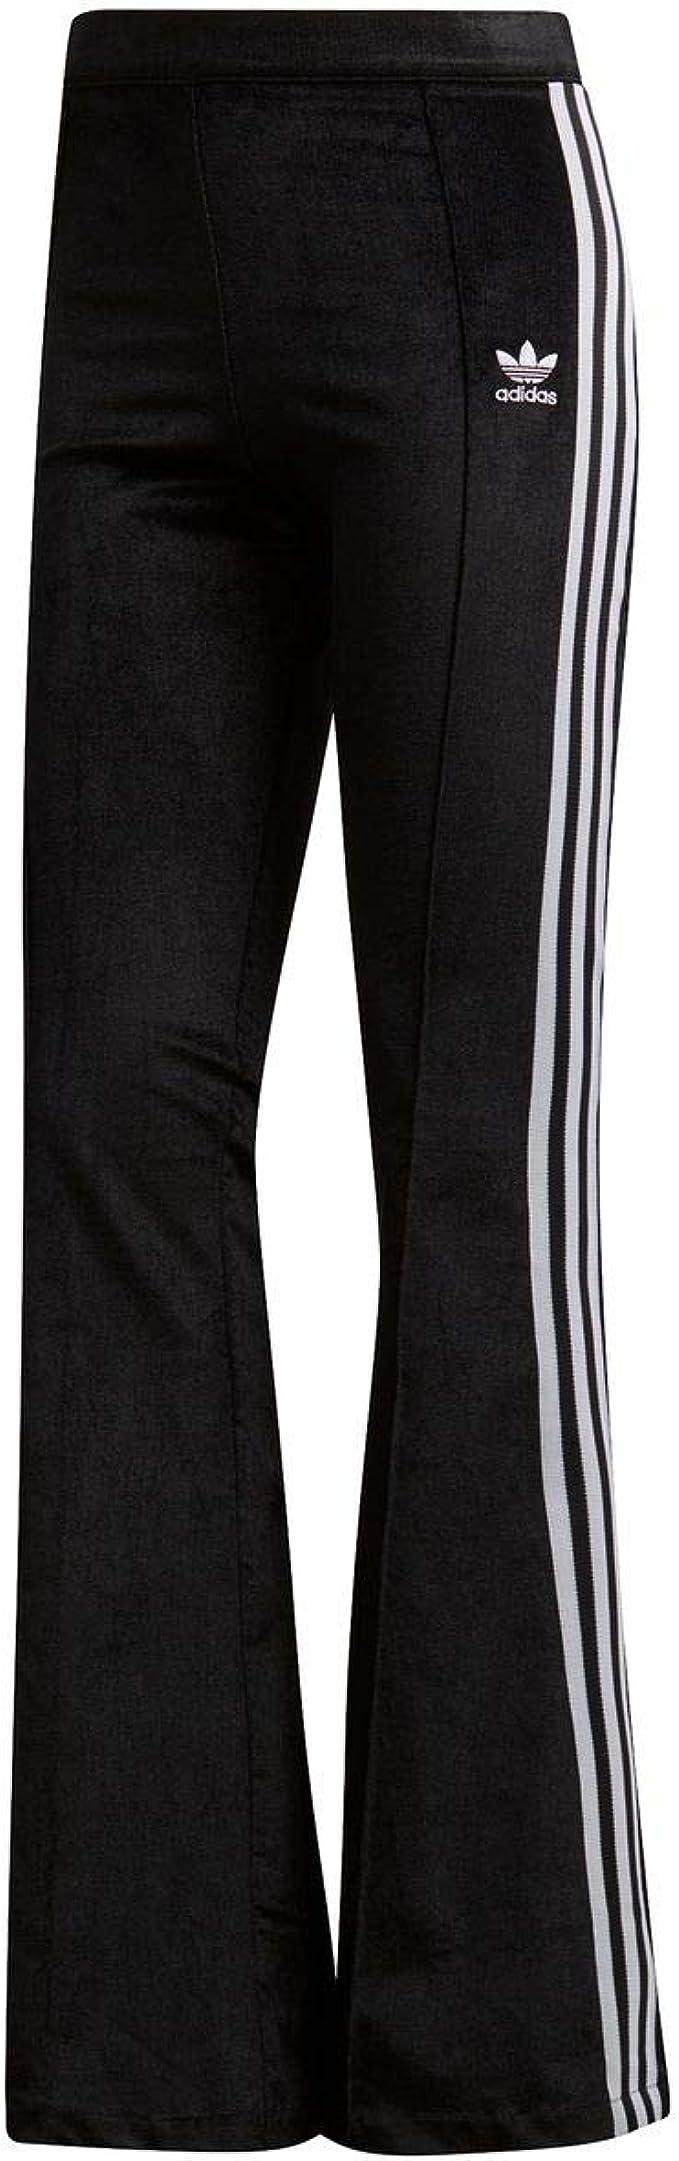 pantaloni a zampa donna adidas